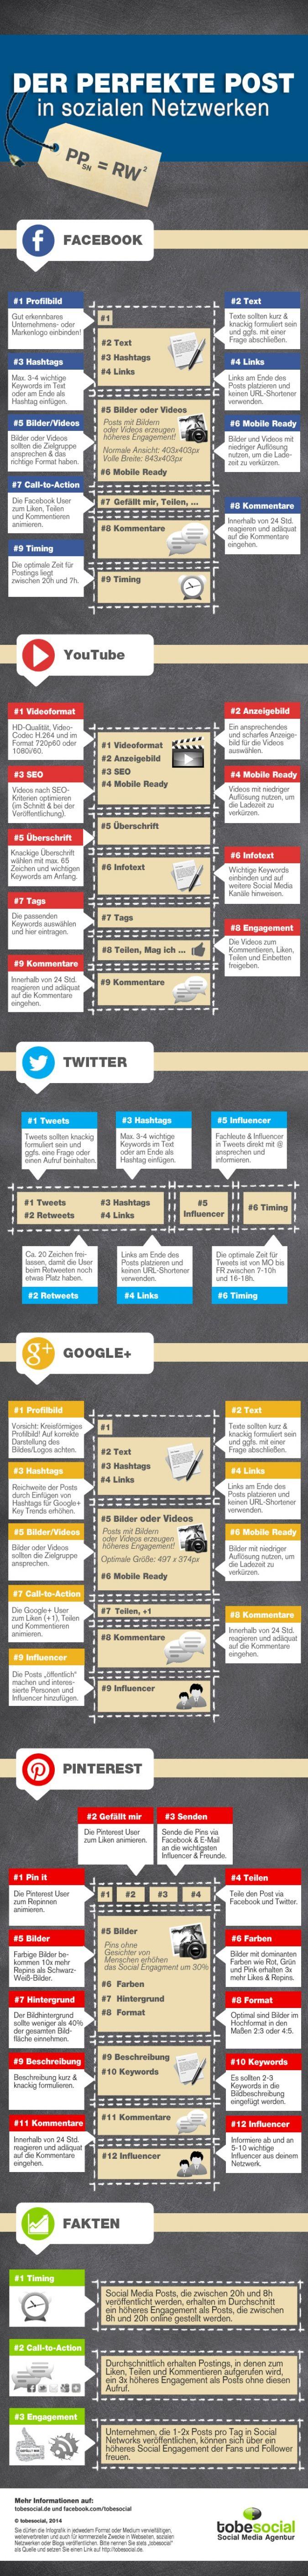 Wie sieht der perfekte Post in sozialen Netzwerken aus? In dieser Social Media Infografik wird aufgezeigt, auf was ihr in Facebook, YouTube, Twitter, Pinterest & Co. achten solltet.